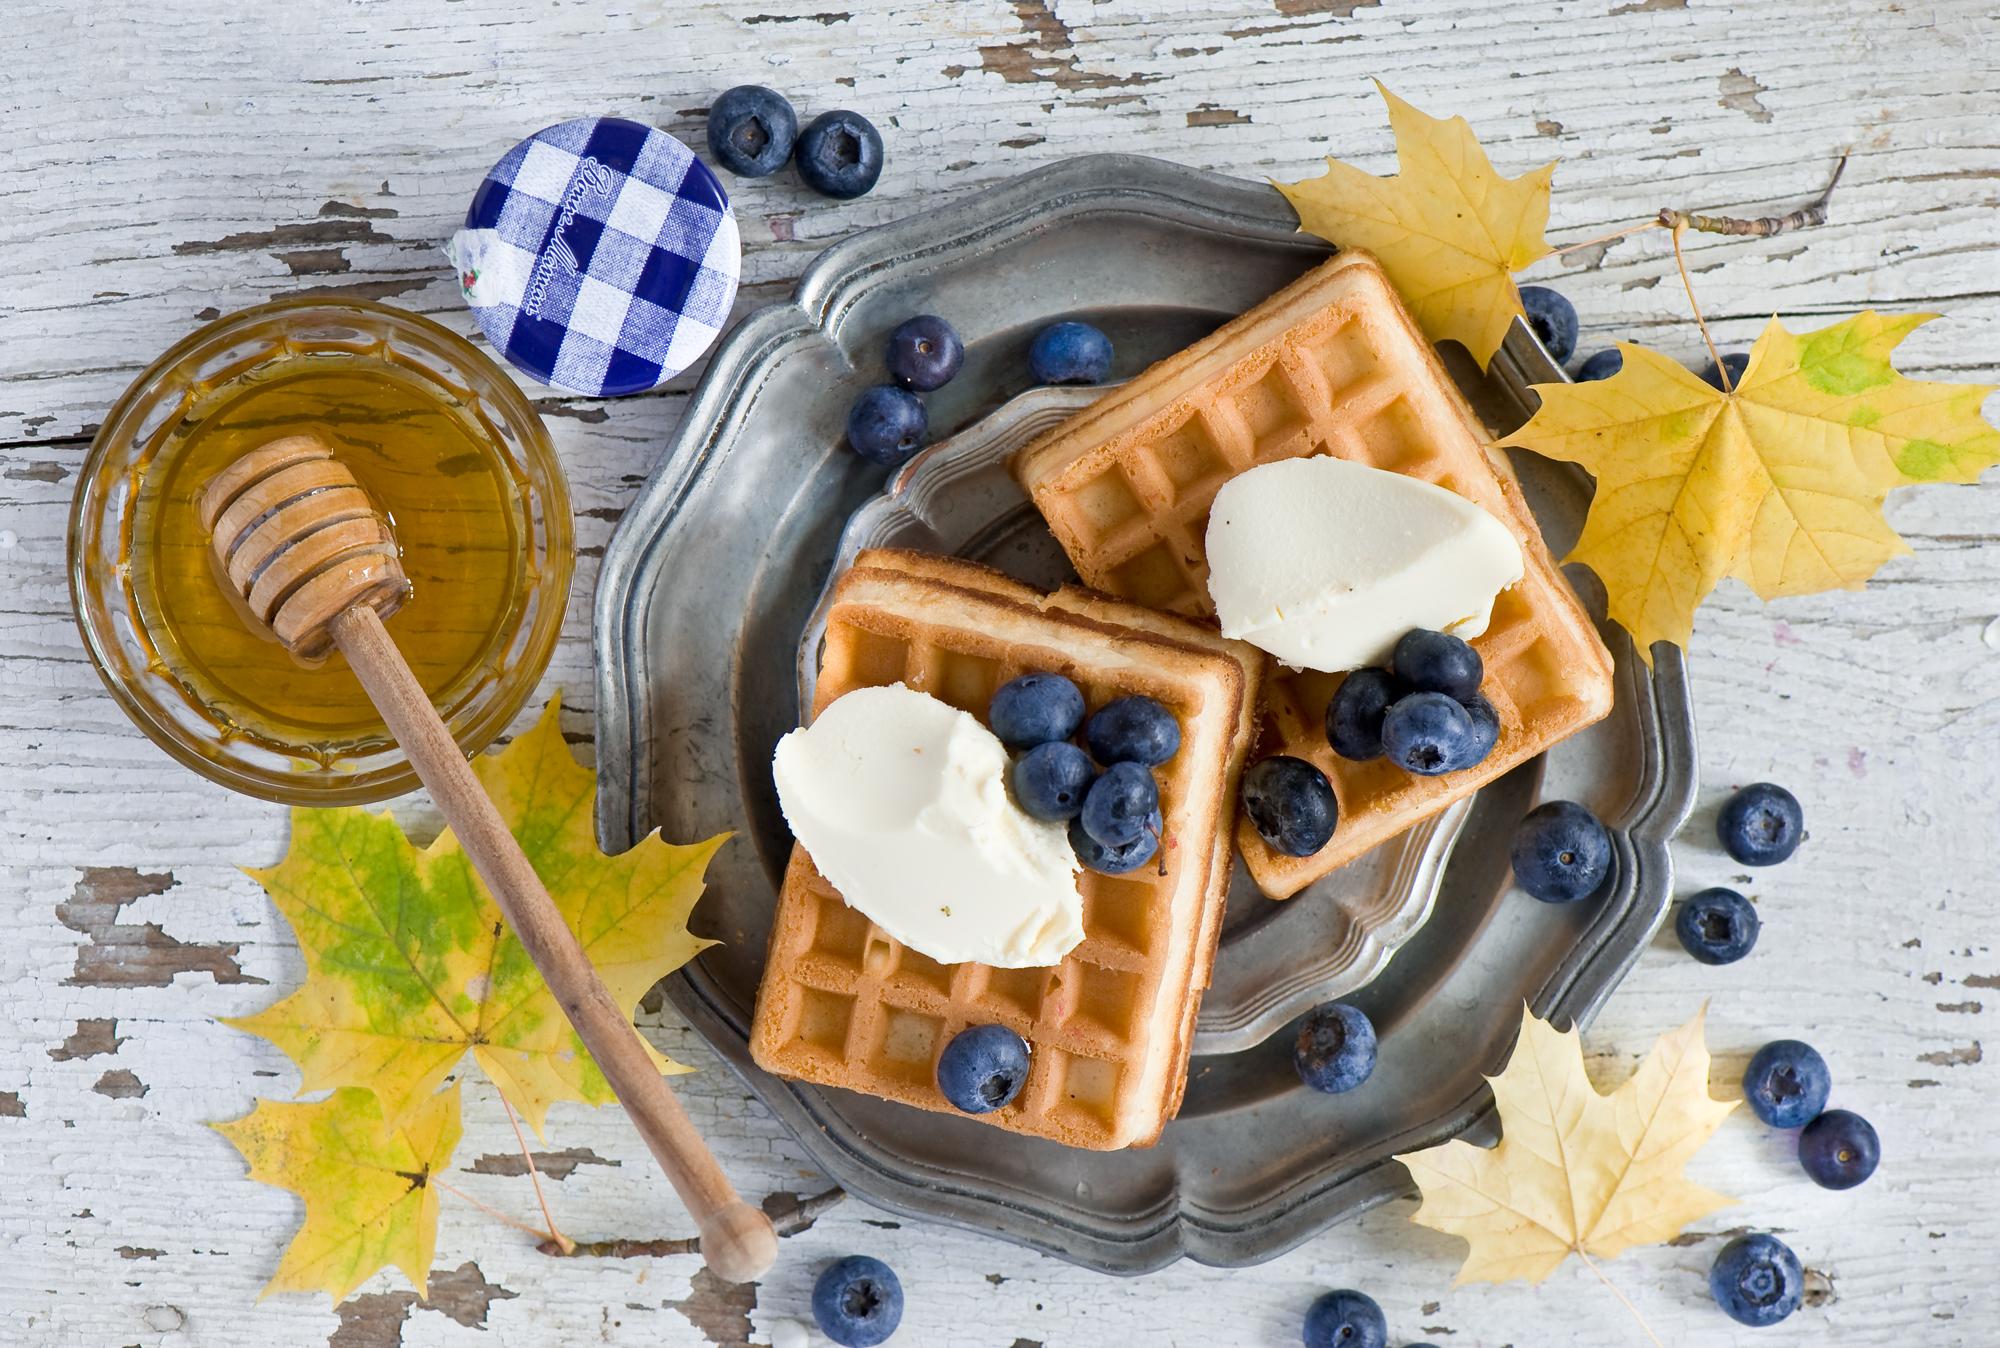 мед еда хлеб черника без смс